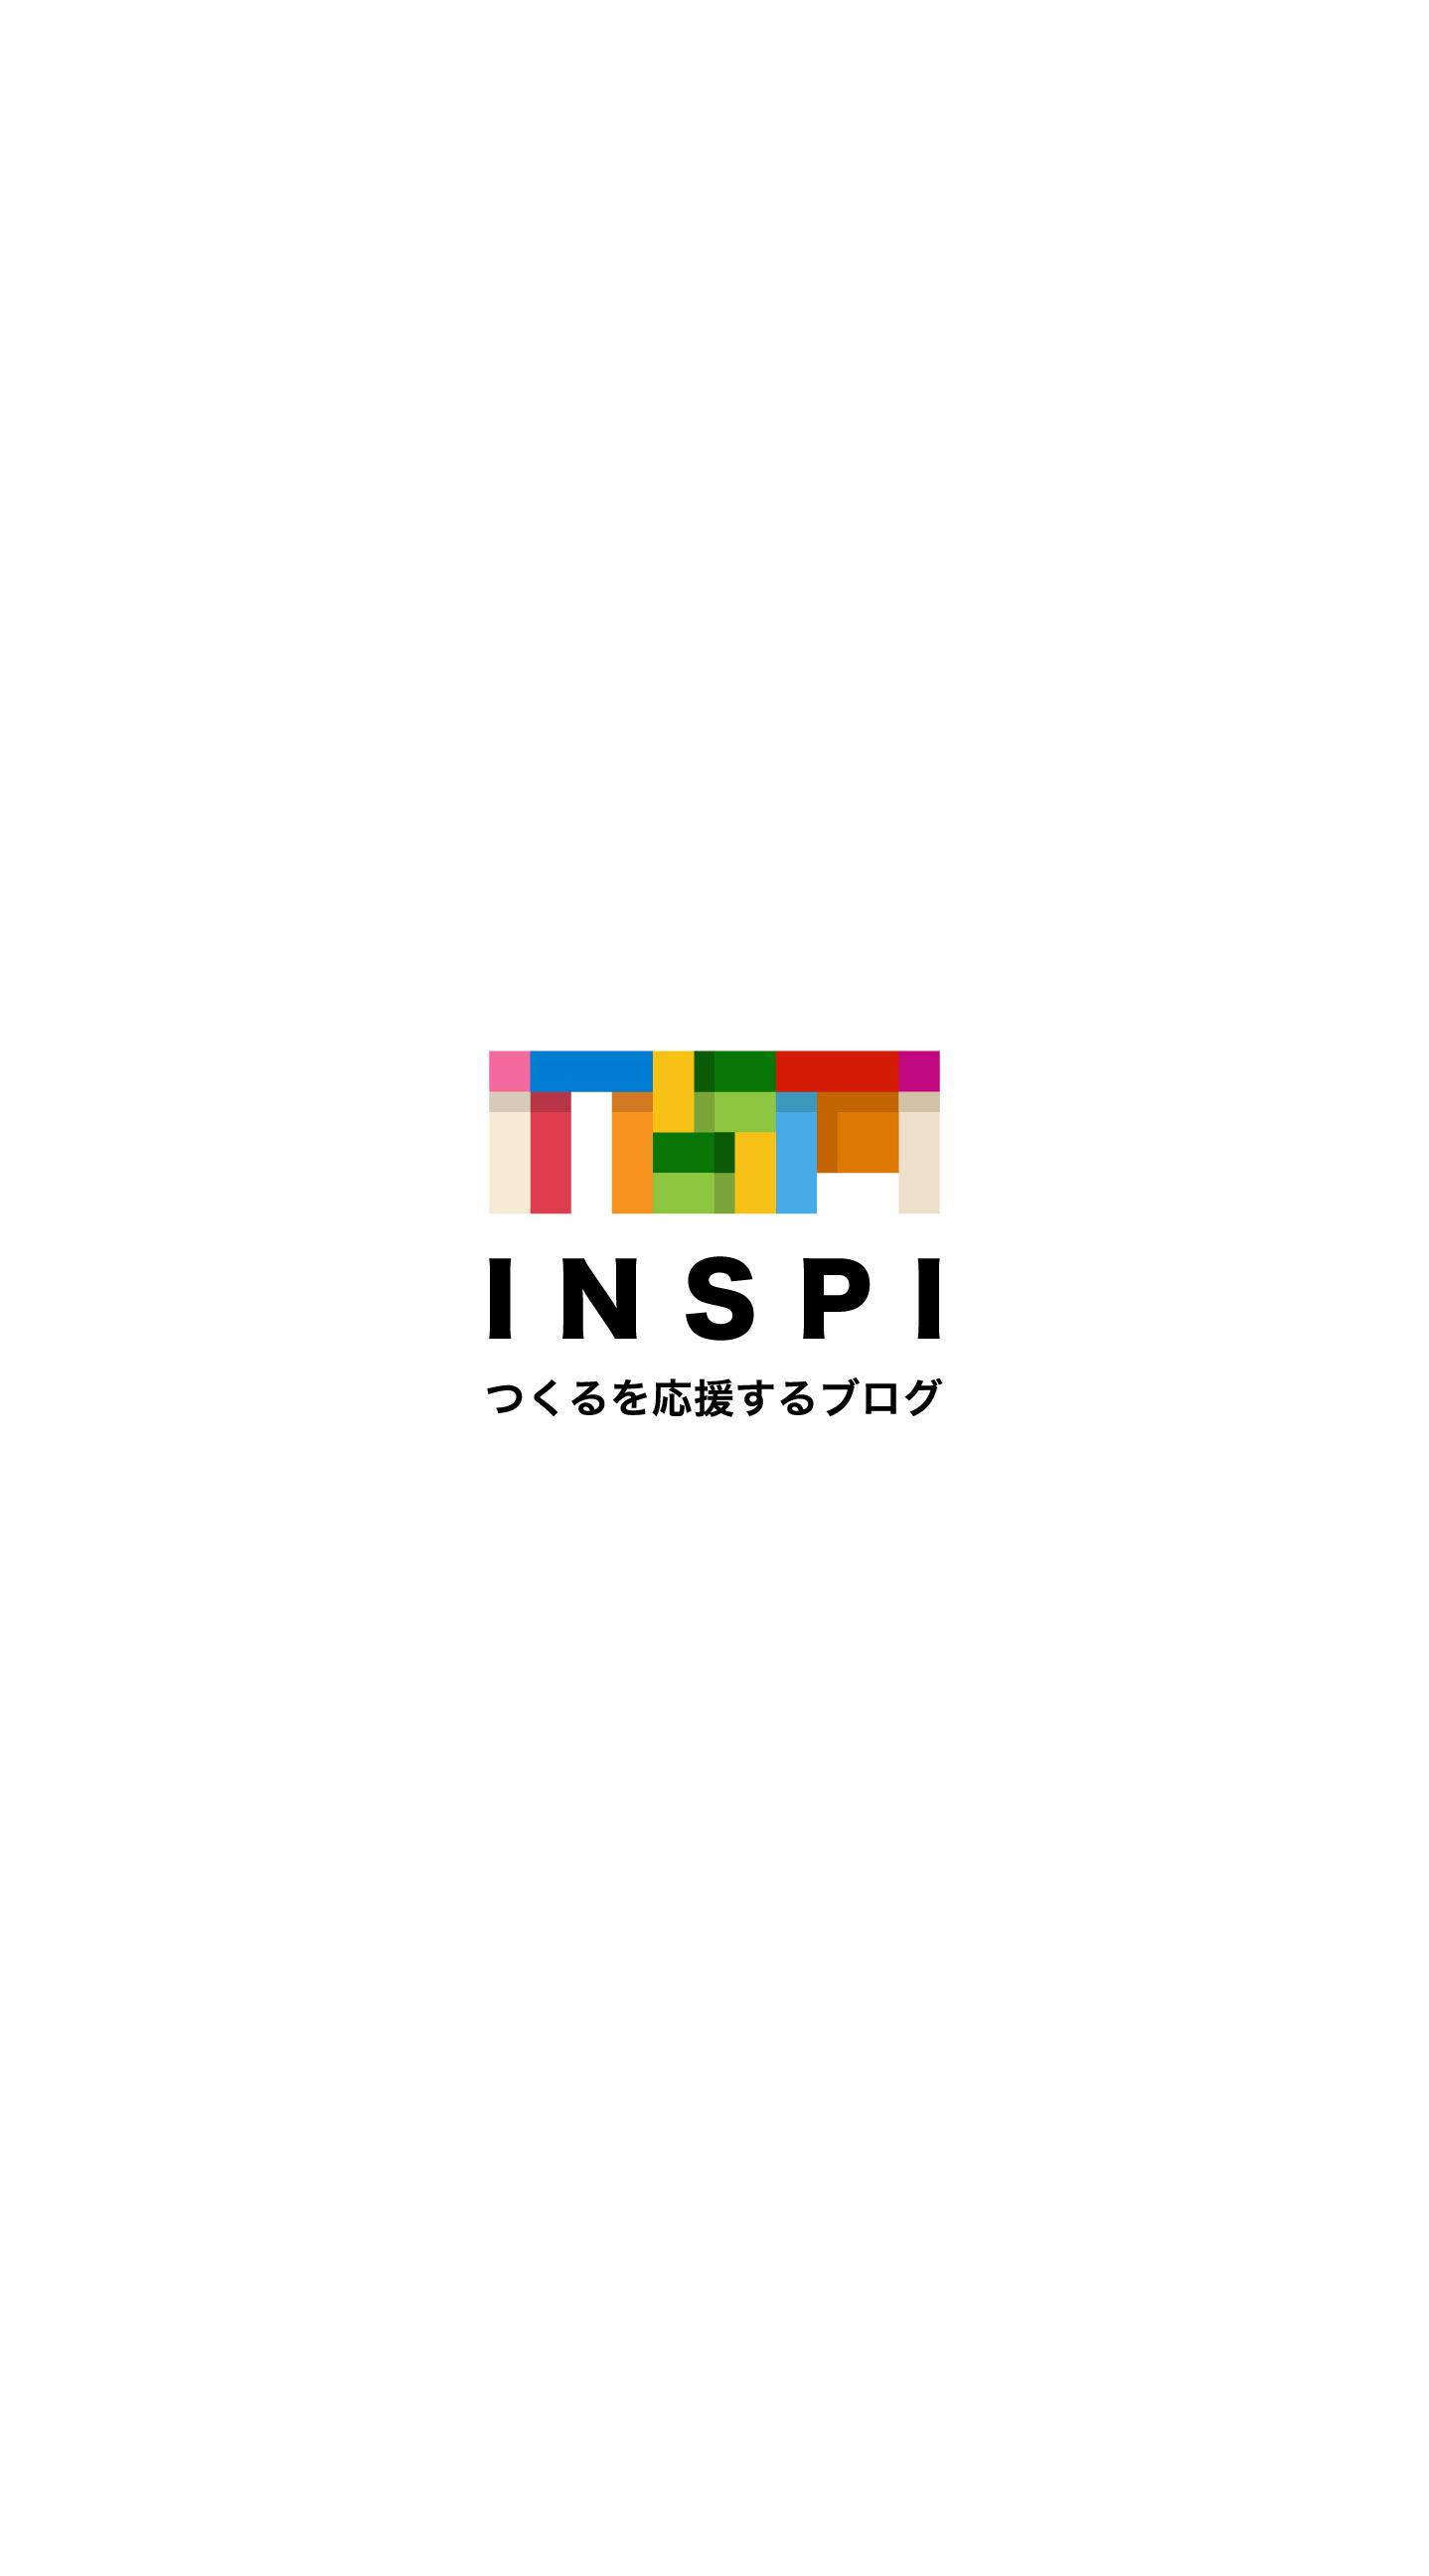 inspi_block_iphone6plus